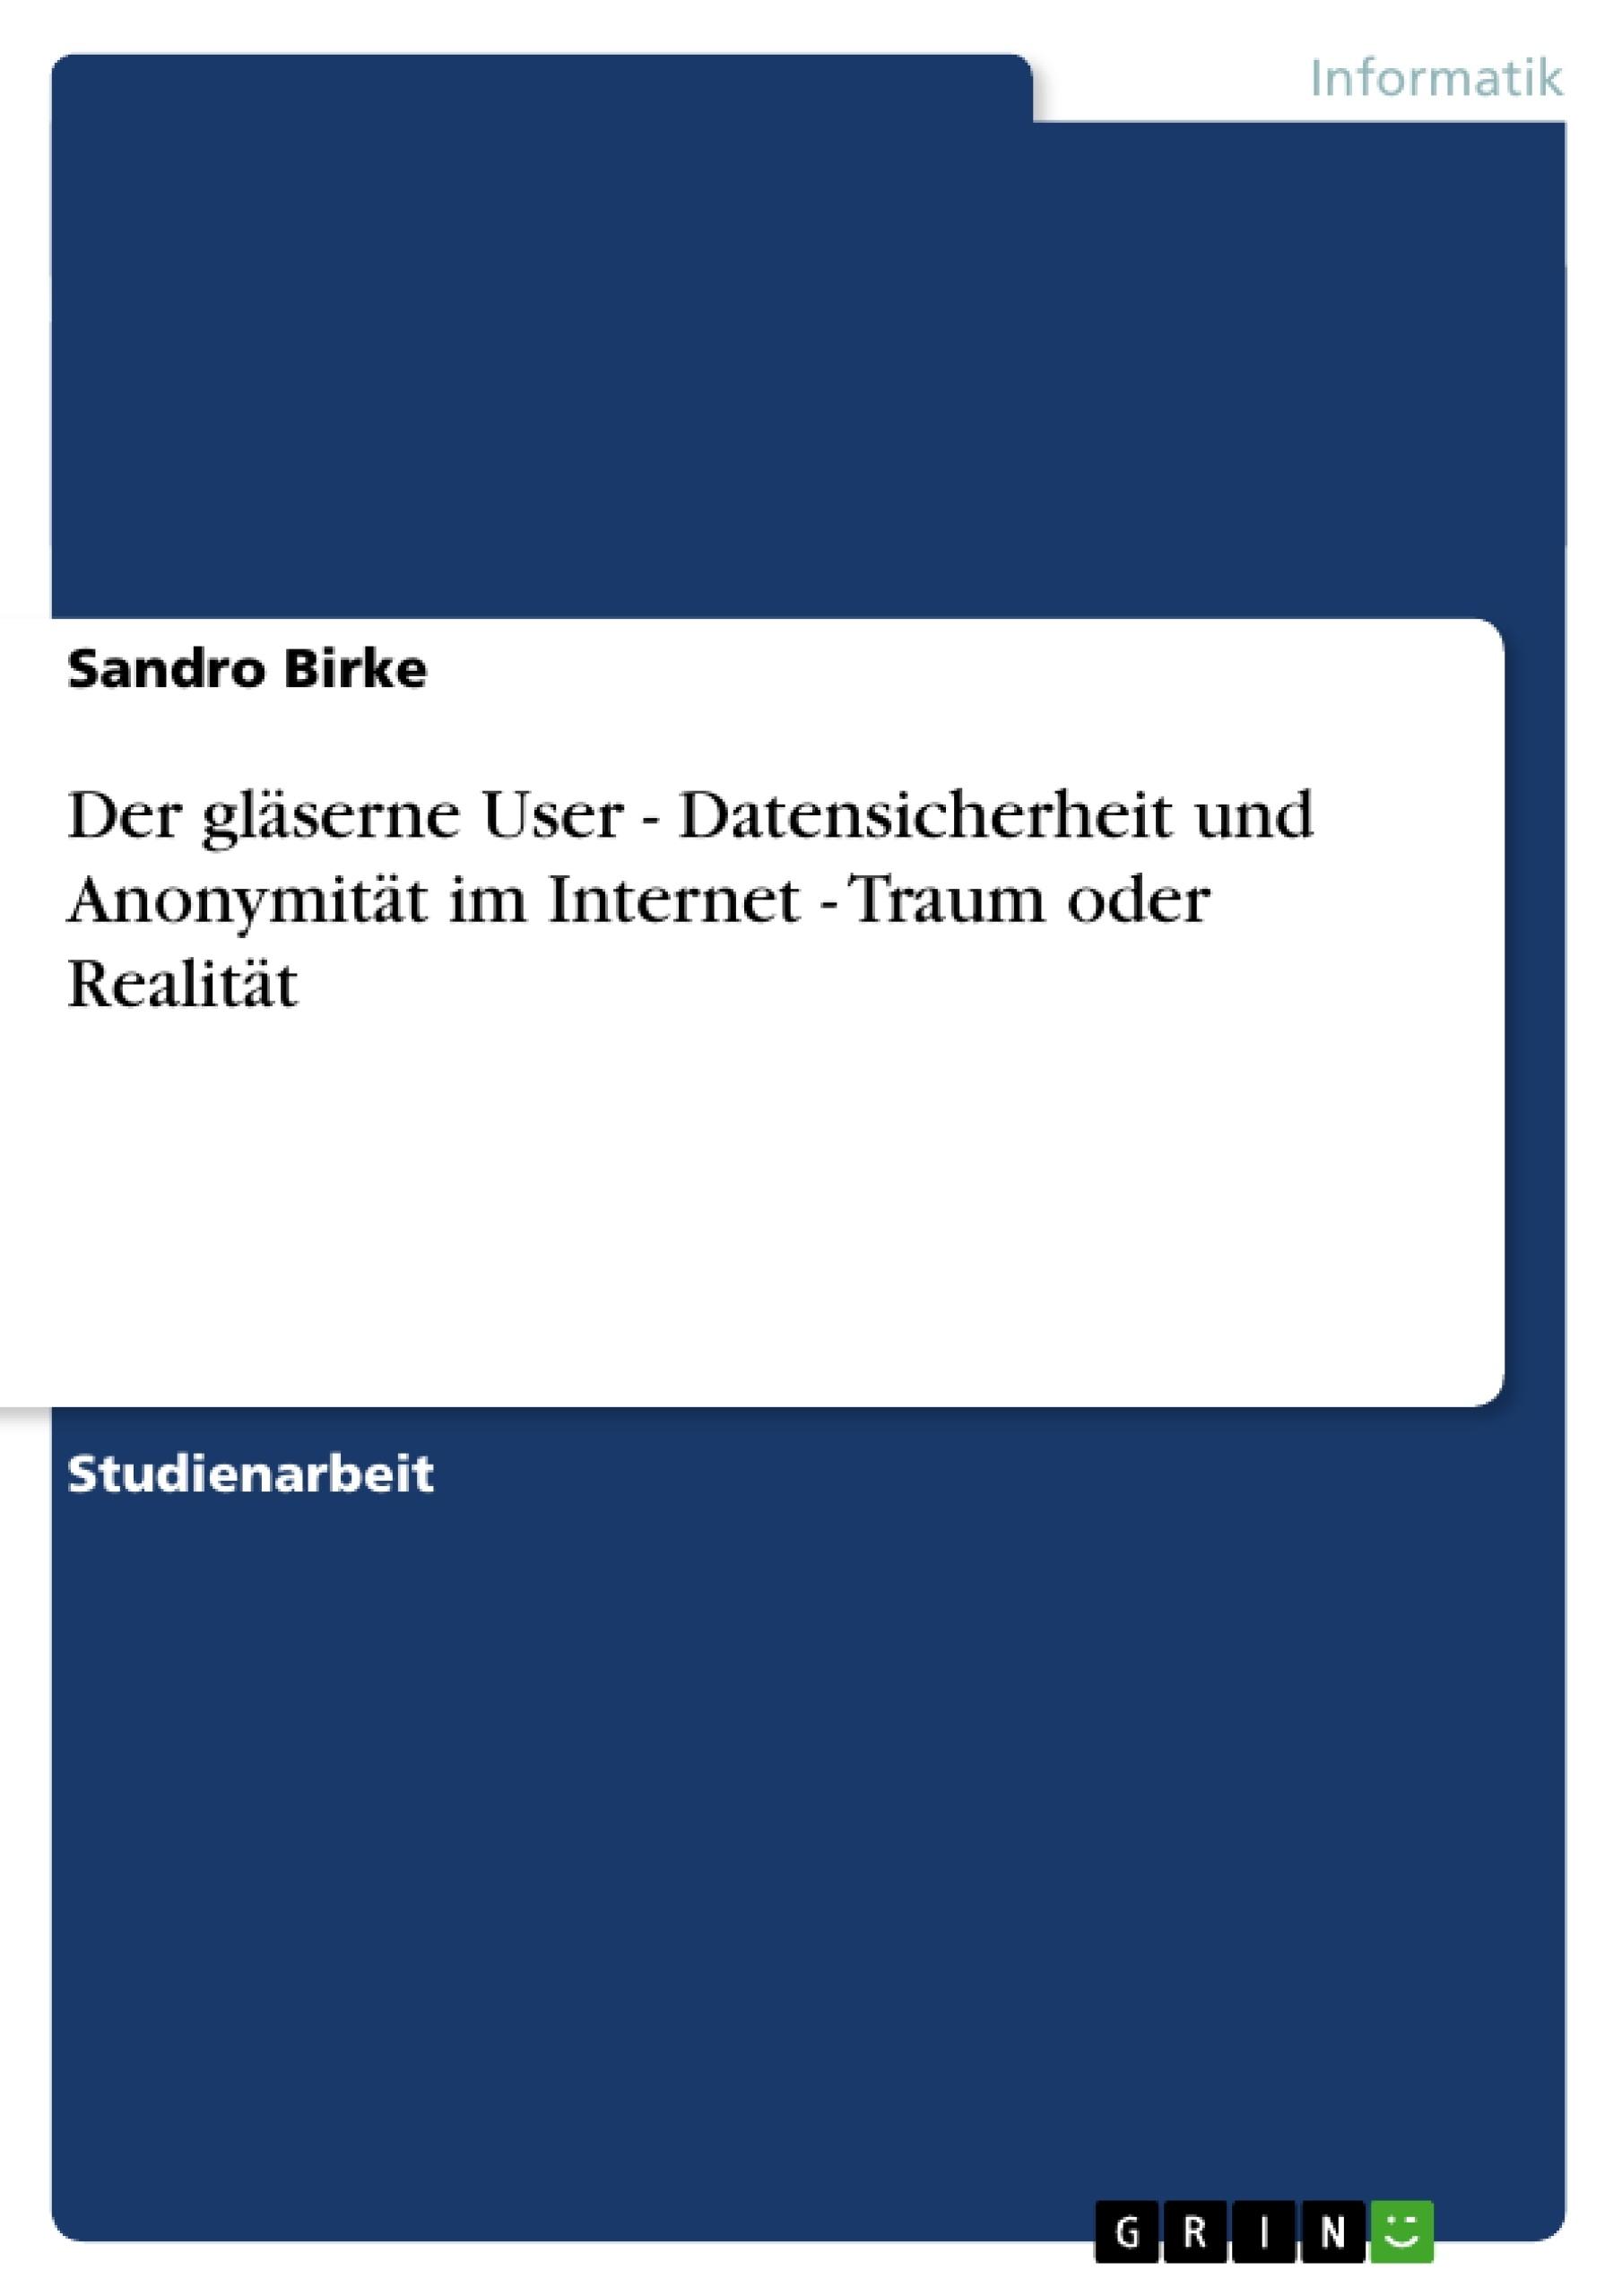 Titel: Der gläserne User - Datensicherheit und Anonymität im Internet - Traum oder Realität